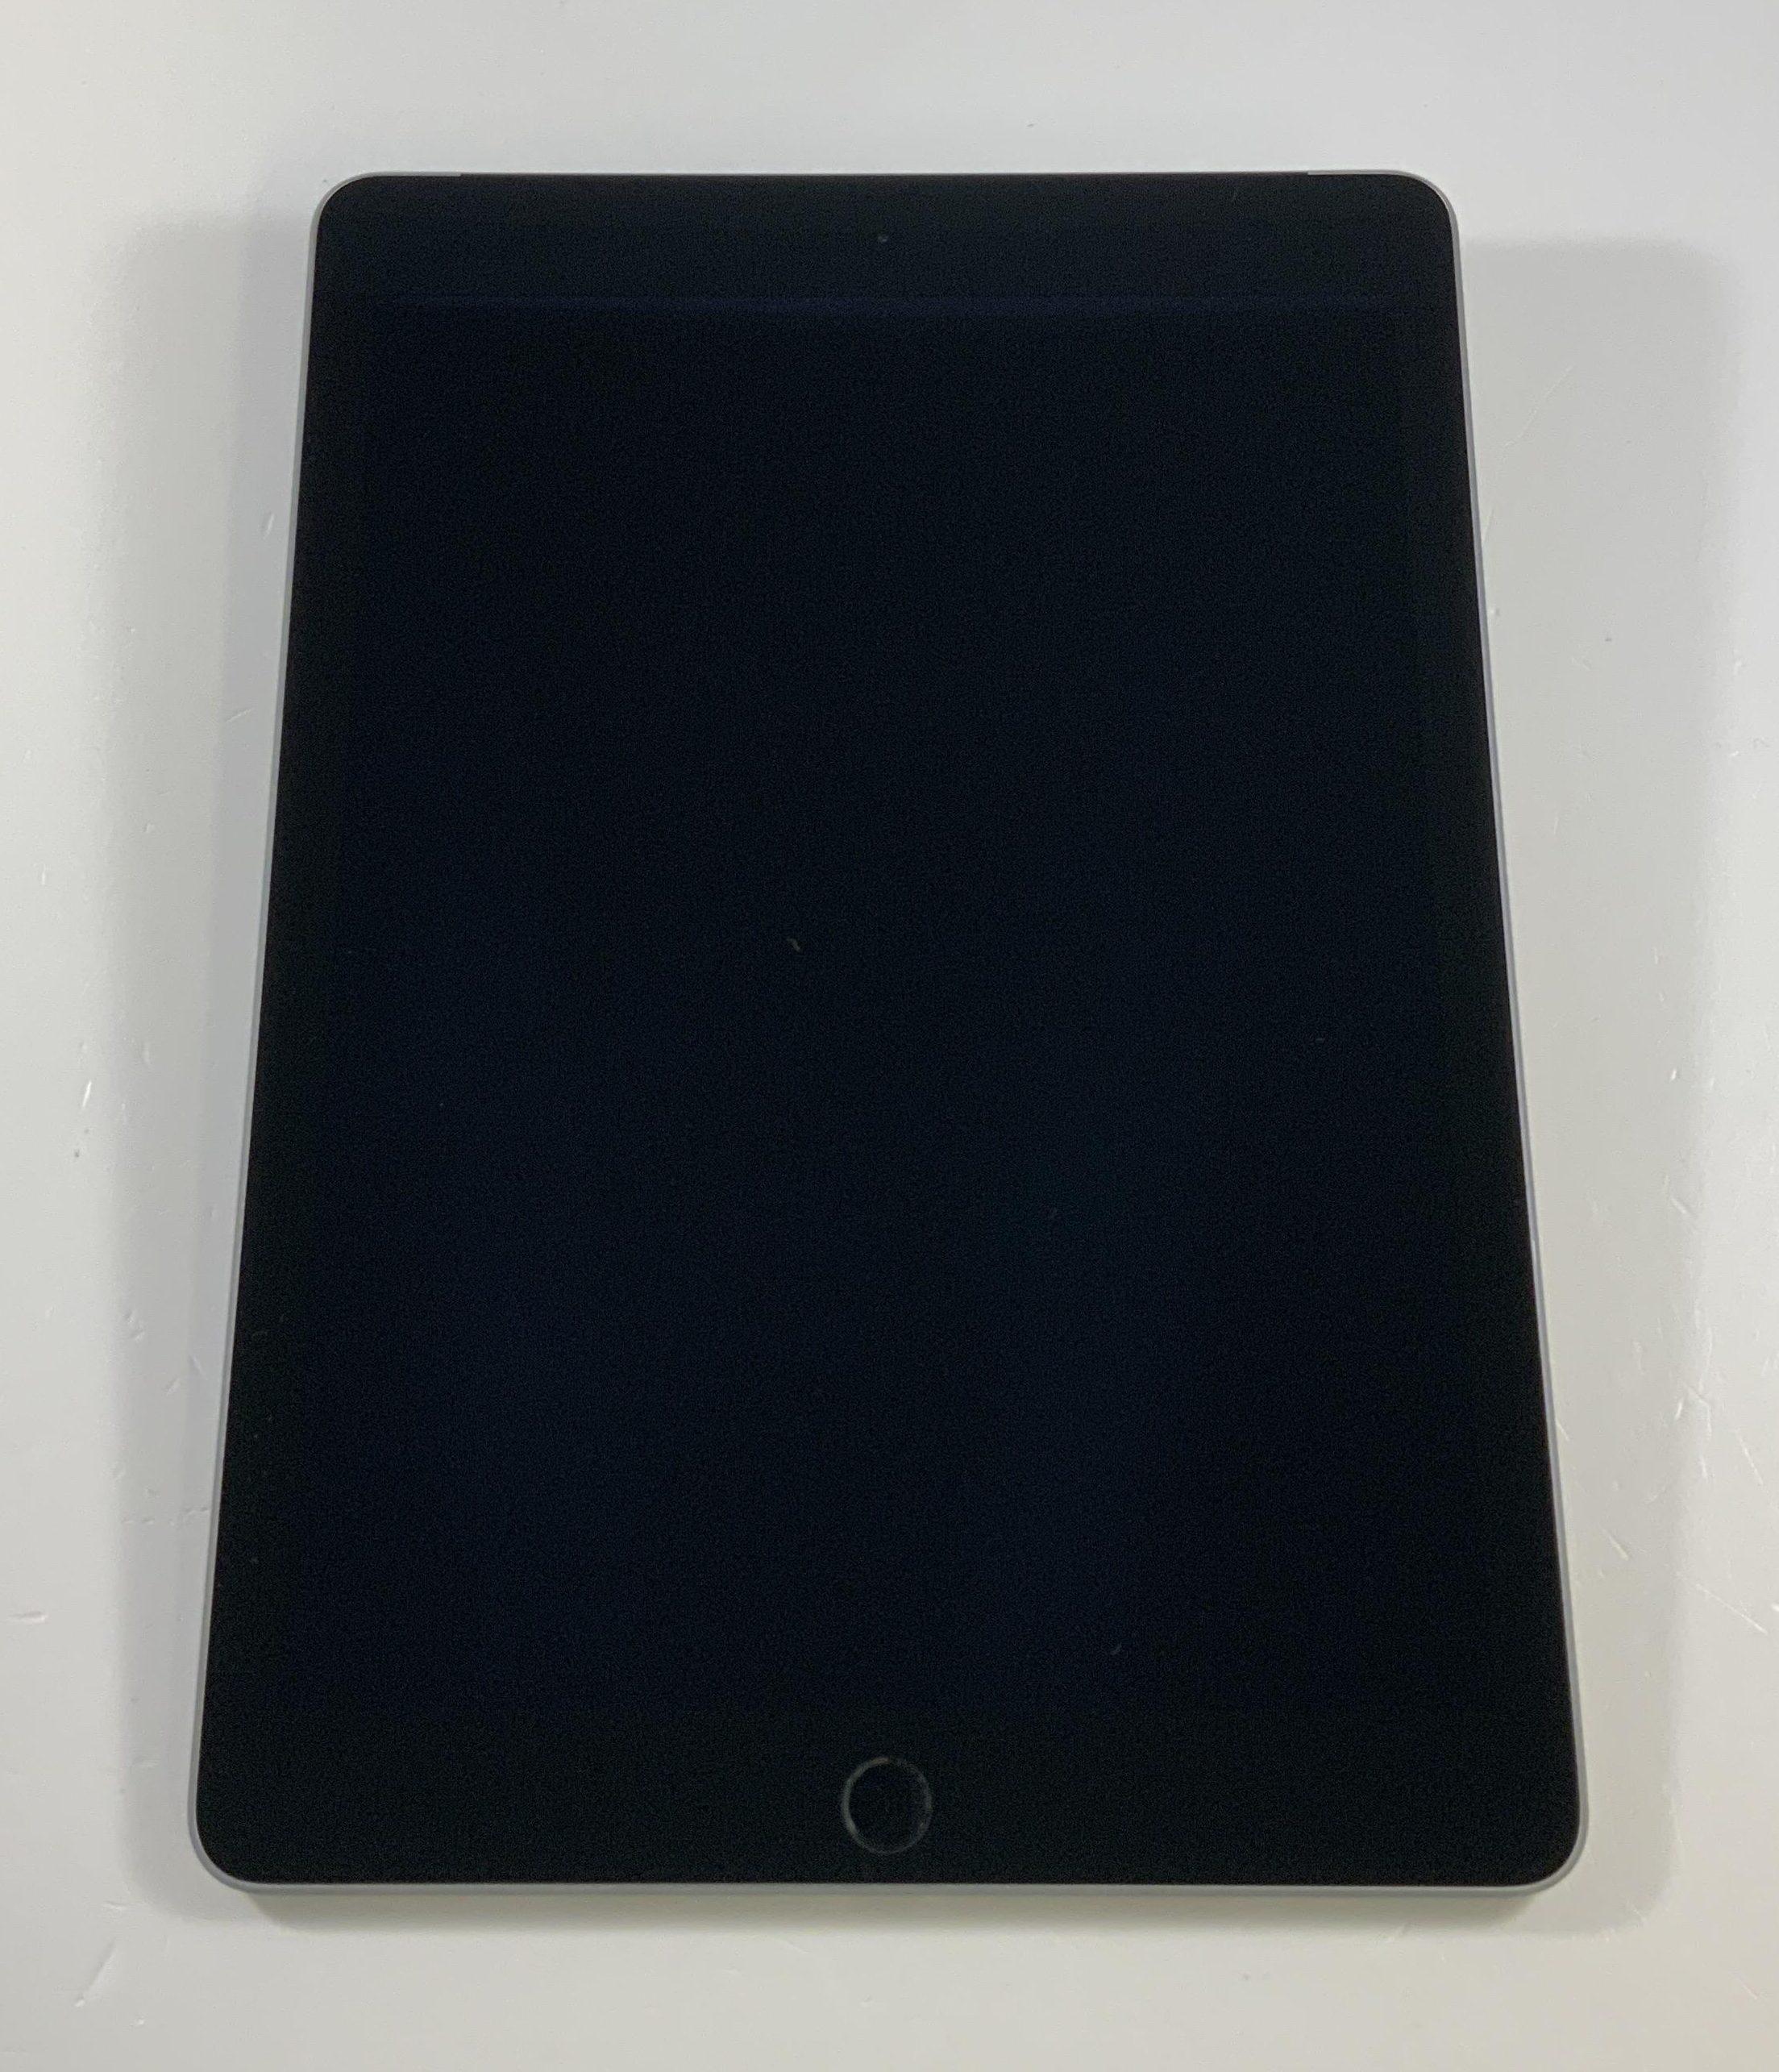 iPad Air 2 Wi-Fi 64GB, 64GB, Space Gray, Kuva 1